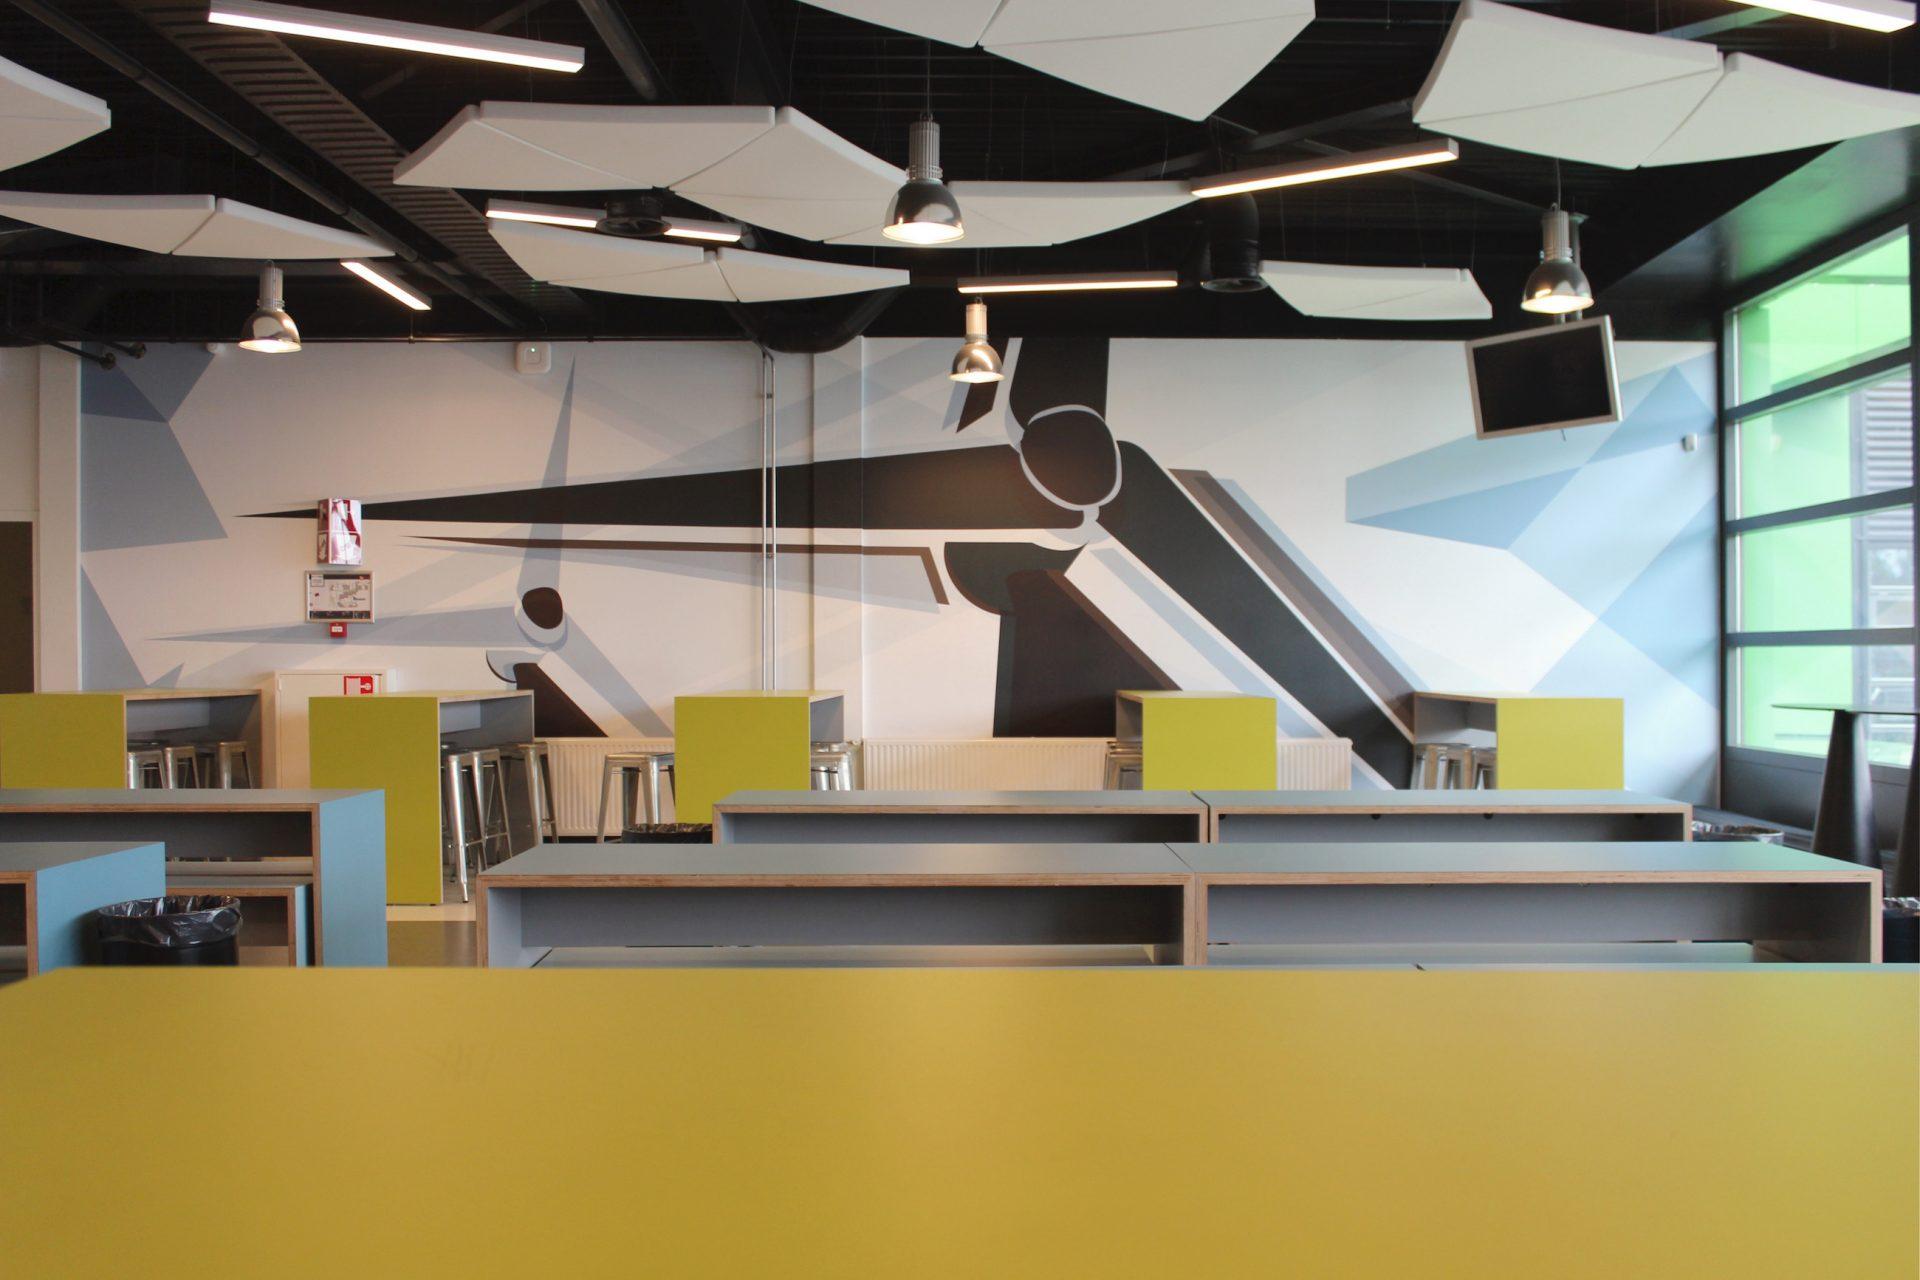 Overzicht van de projectinrichting van de ROC Friese Poort met decoratieve print, figuratief plafond.